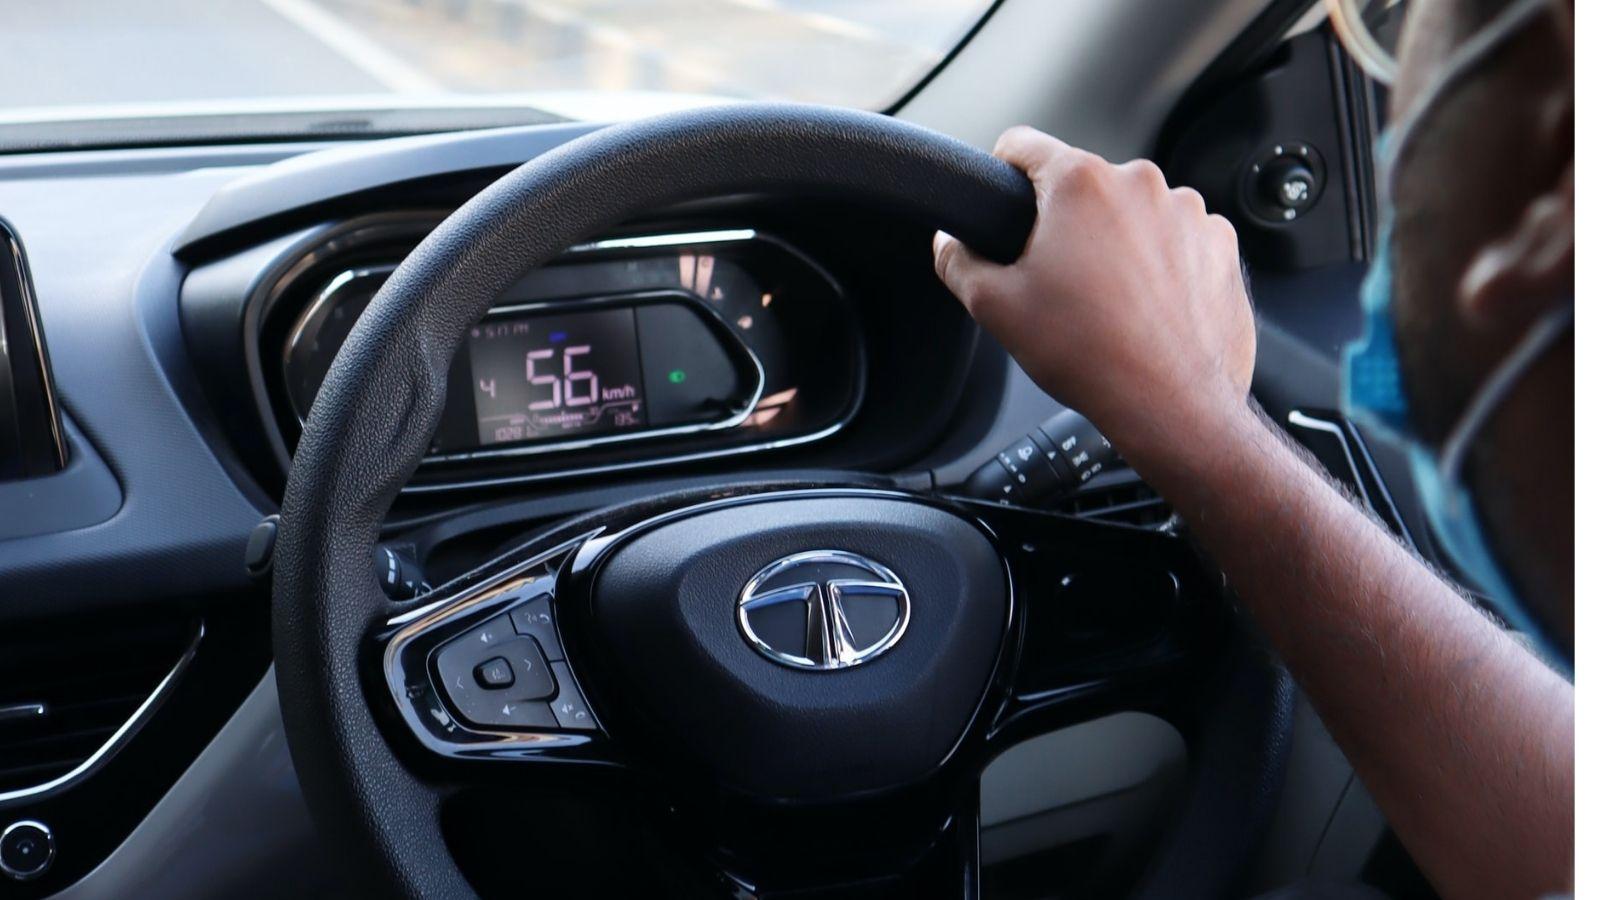 Tata Car Steering